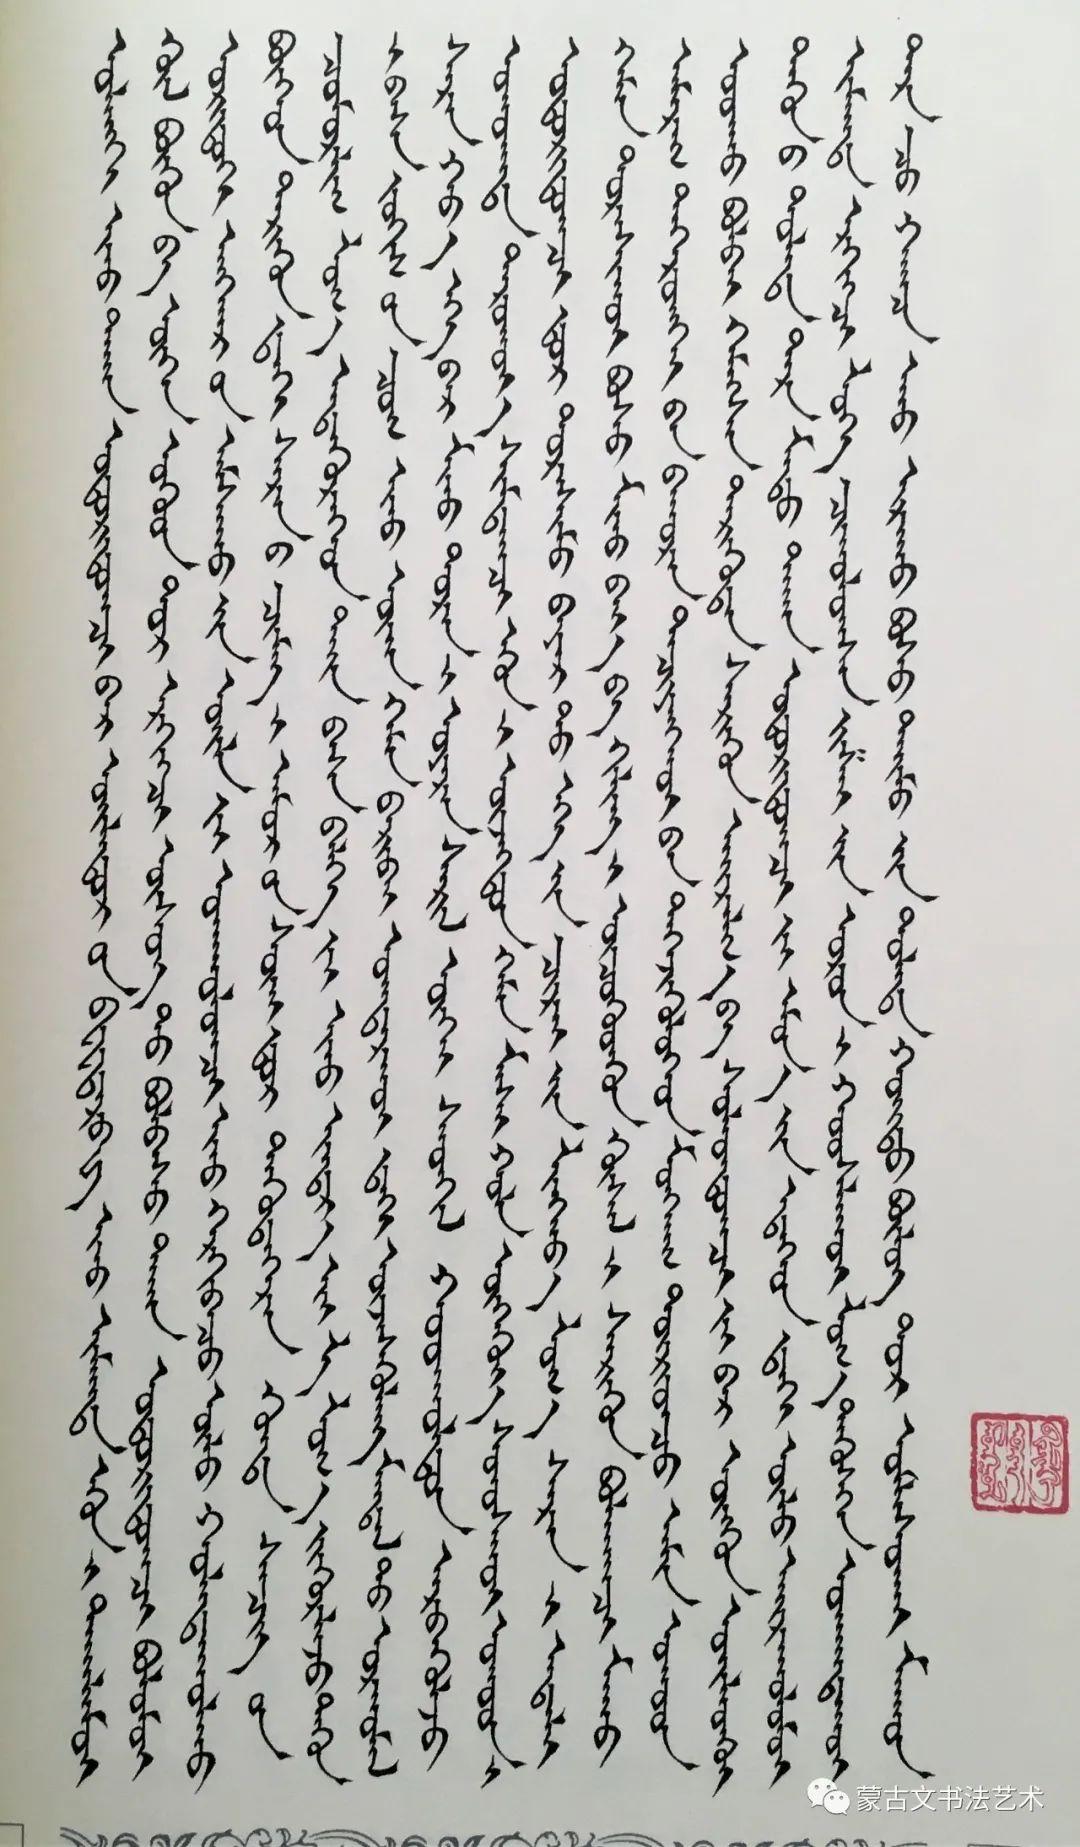 戴海琴楷书《诗镜论》 第7张 戴海琴楷书《诗镜论》 蒙古书法